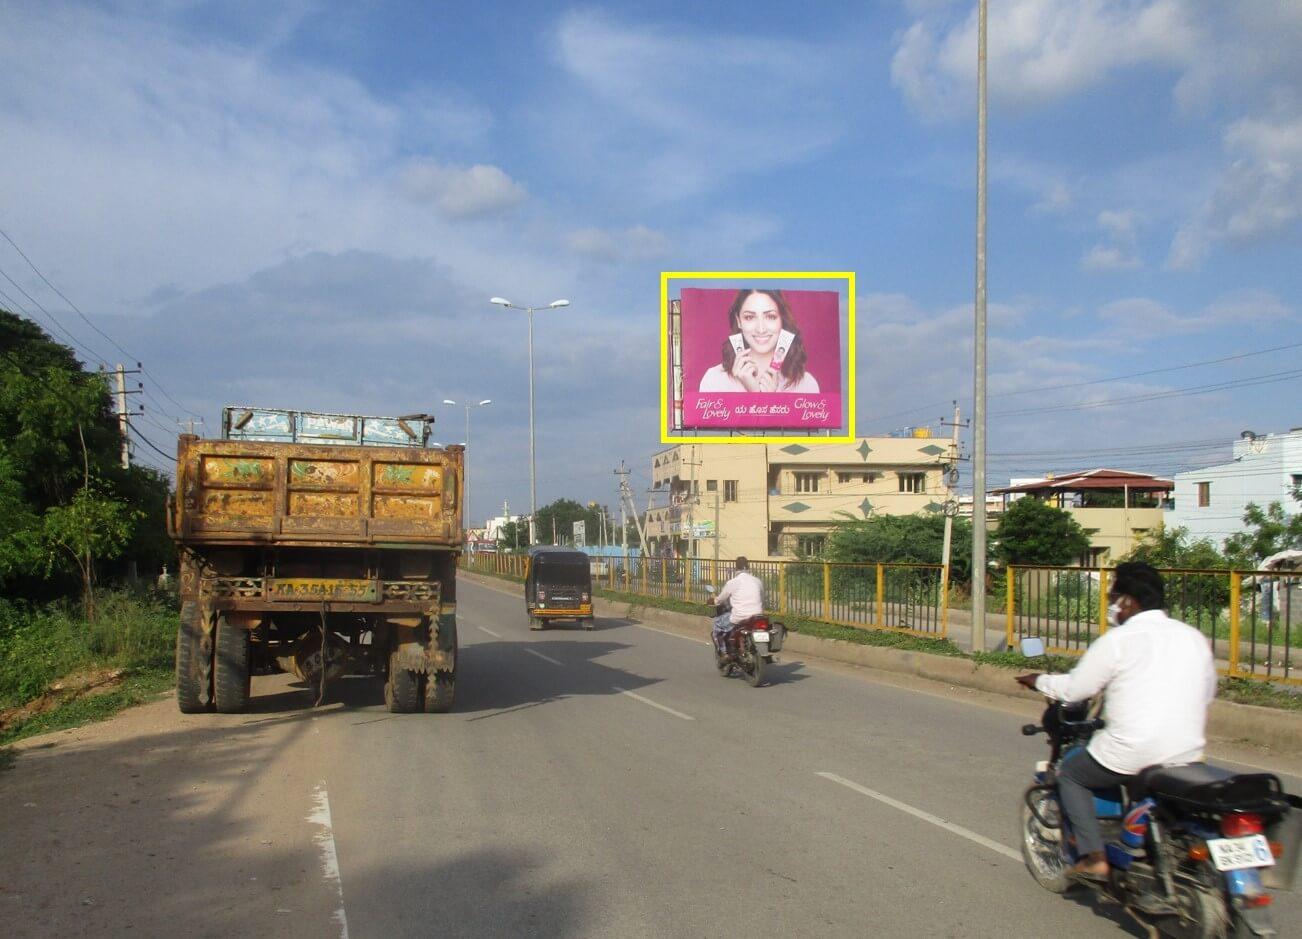 Outdoor Hoarding Branding Near Gandhi Nagar Market, Ballari